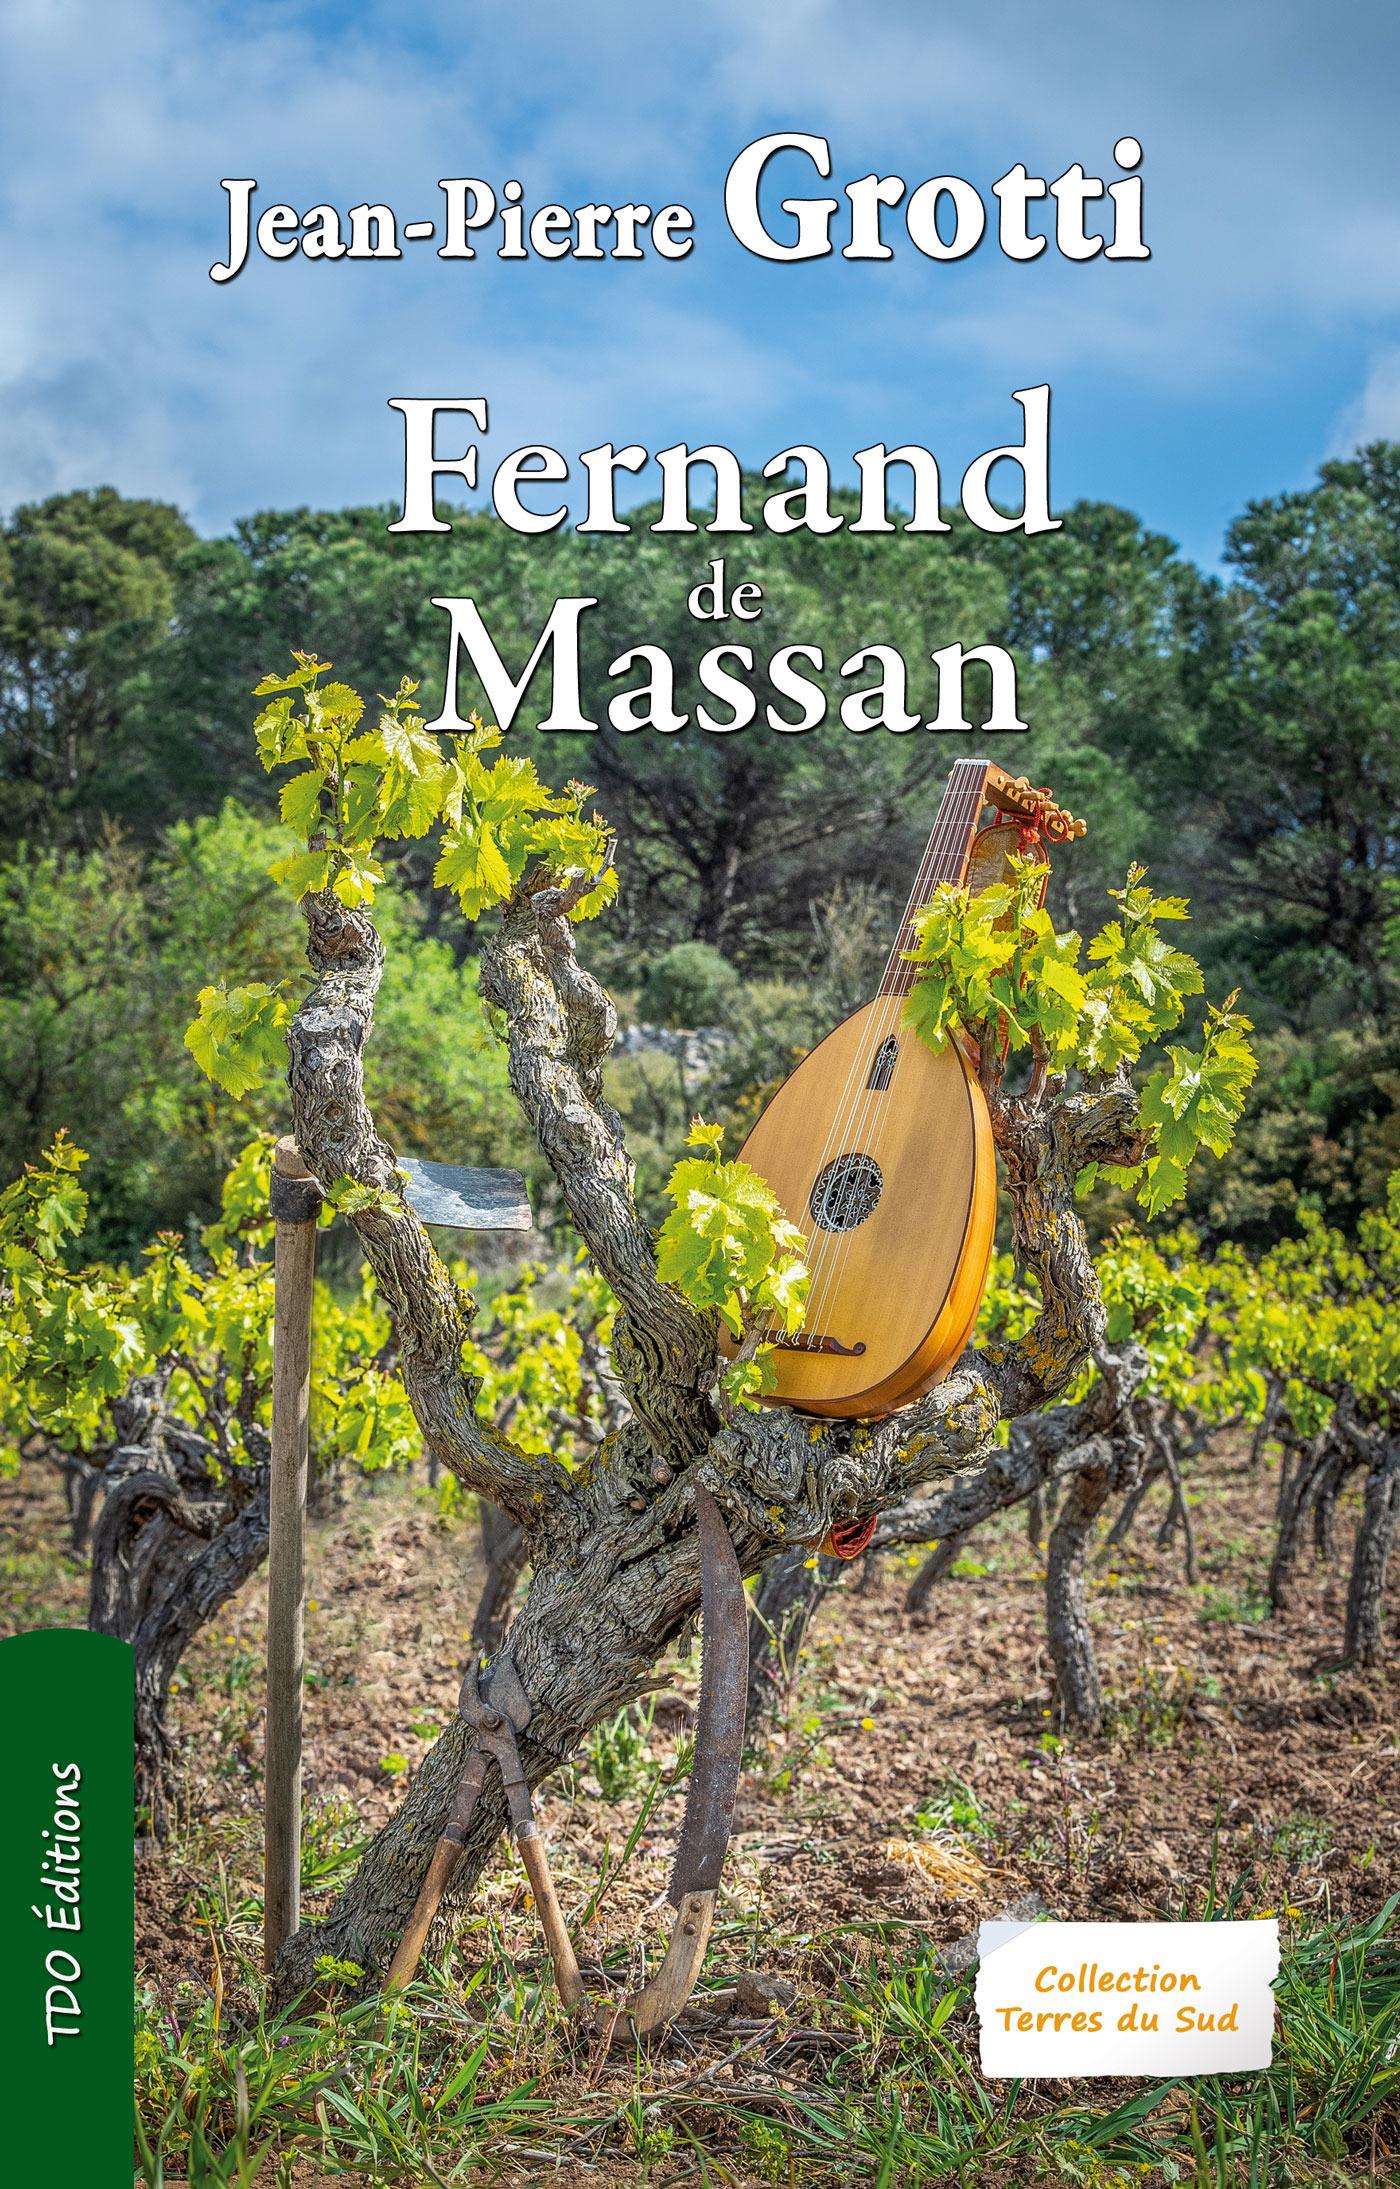 Fernand de Massan